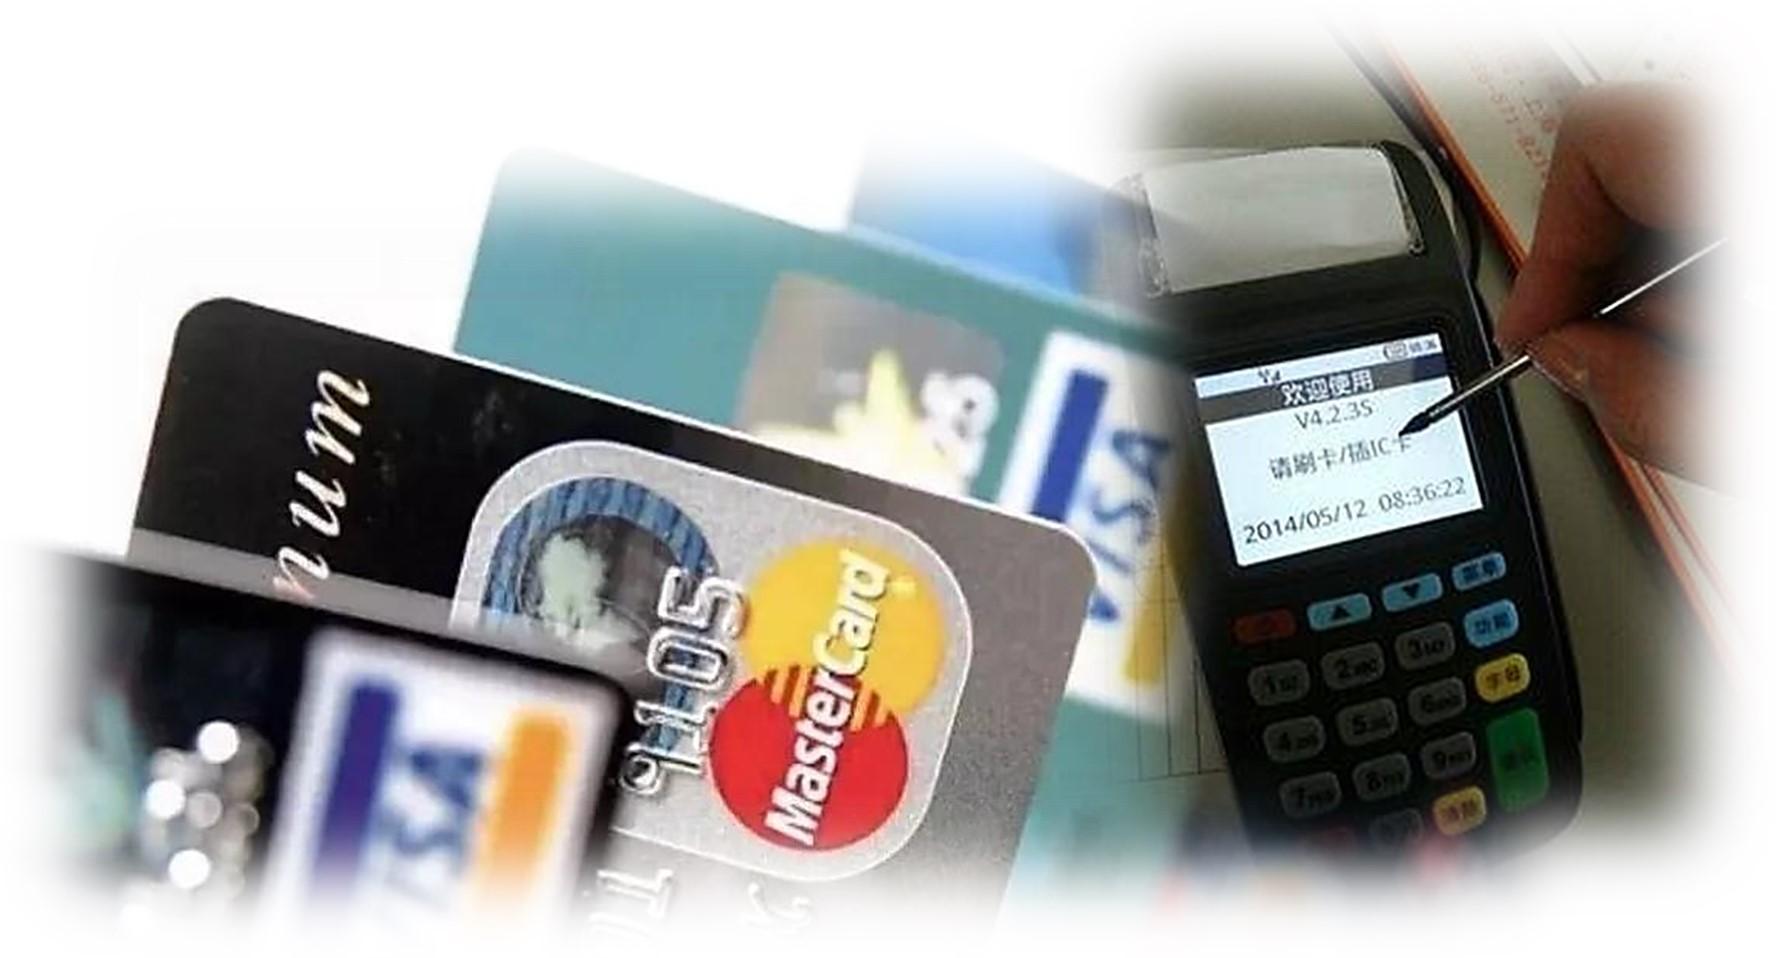 怎么办理pos机刷卡?根据POS机刷卡提固额的小窍门